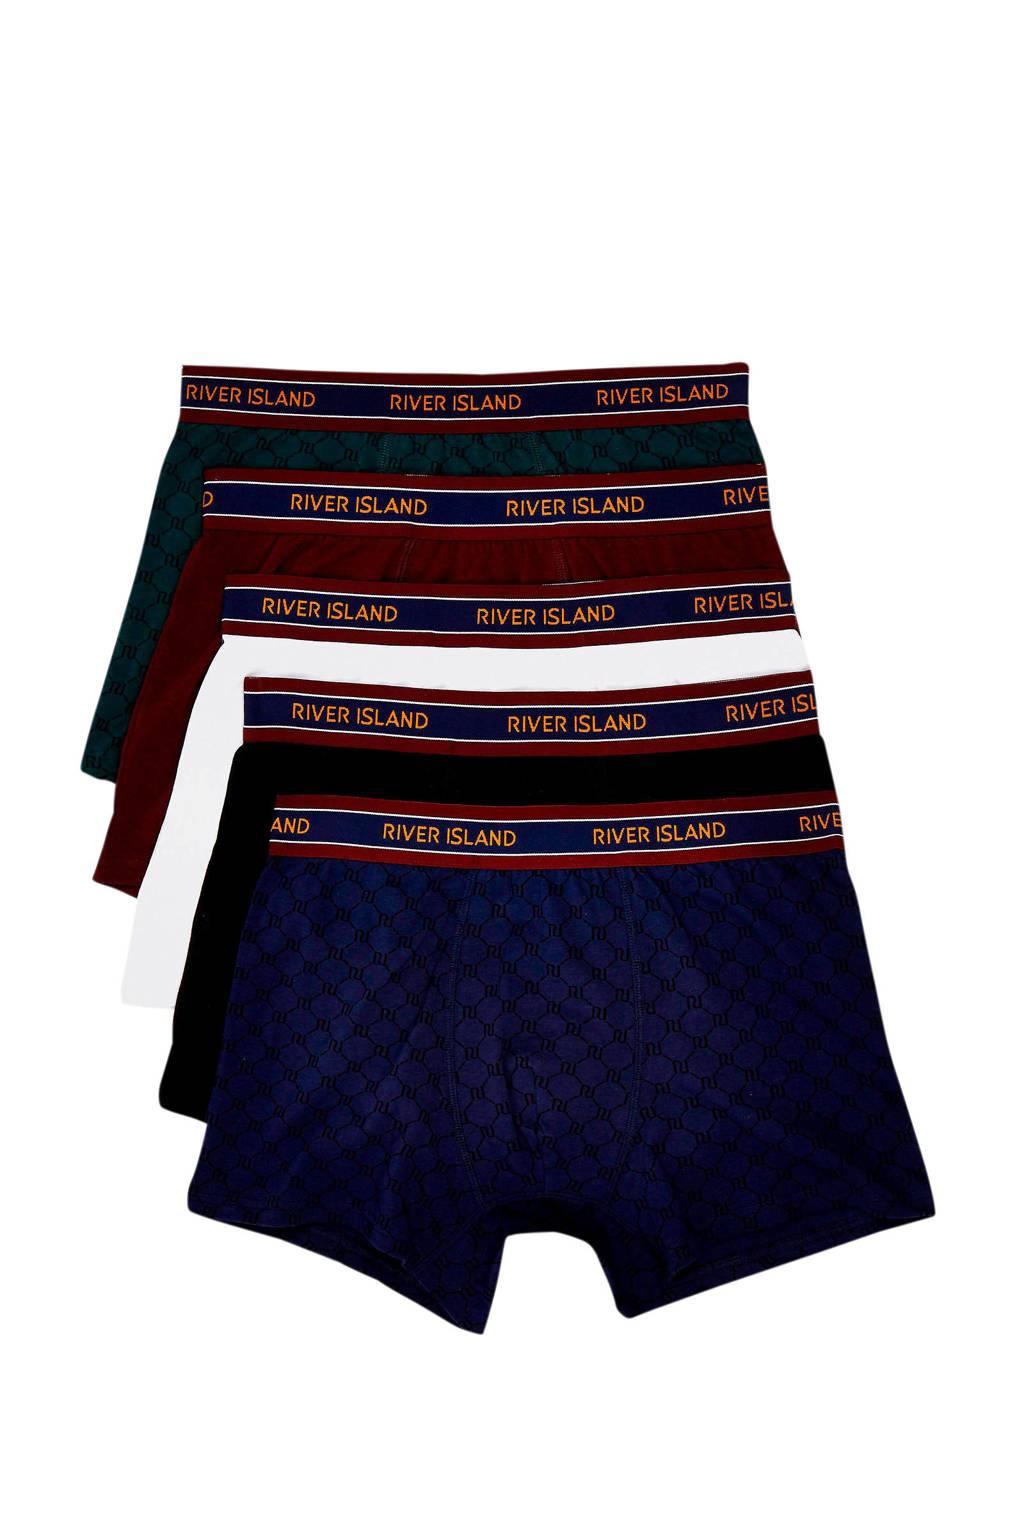 River Island boxershort (set van 5), Donkerblauw/wit/zwart